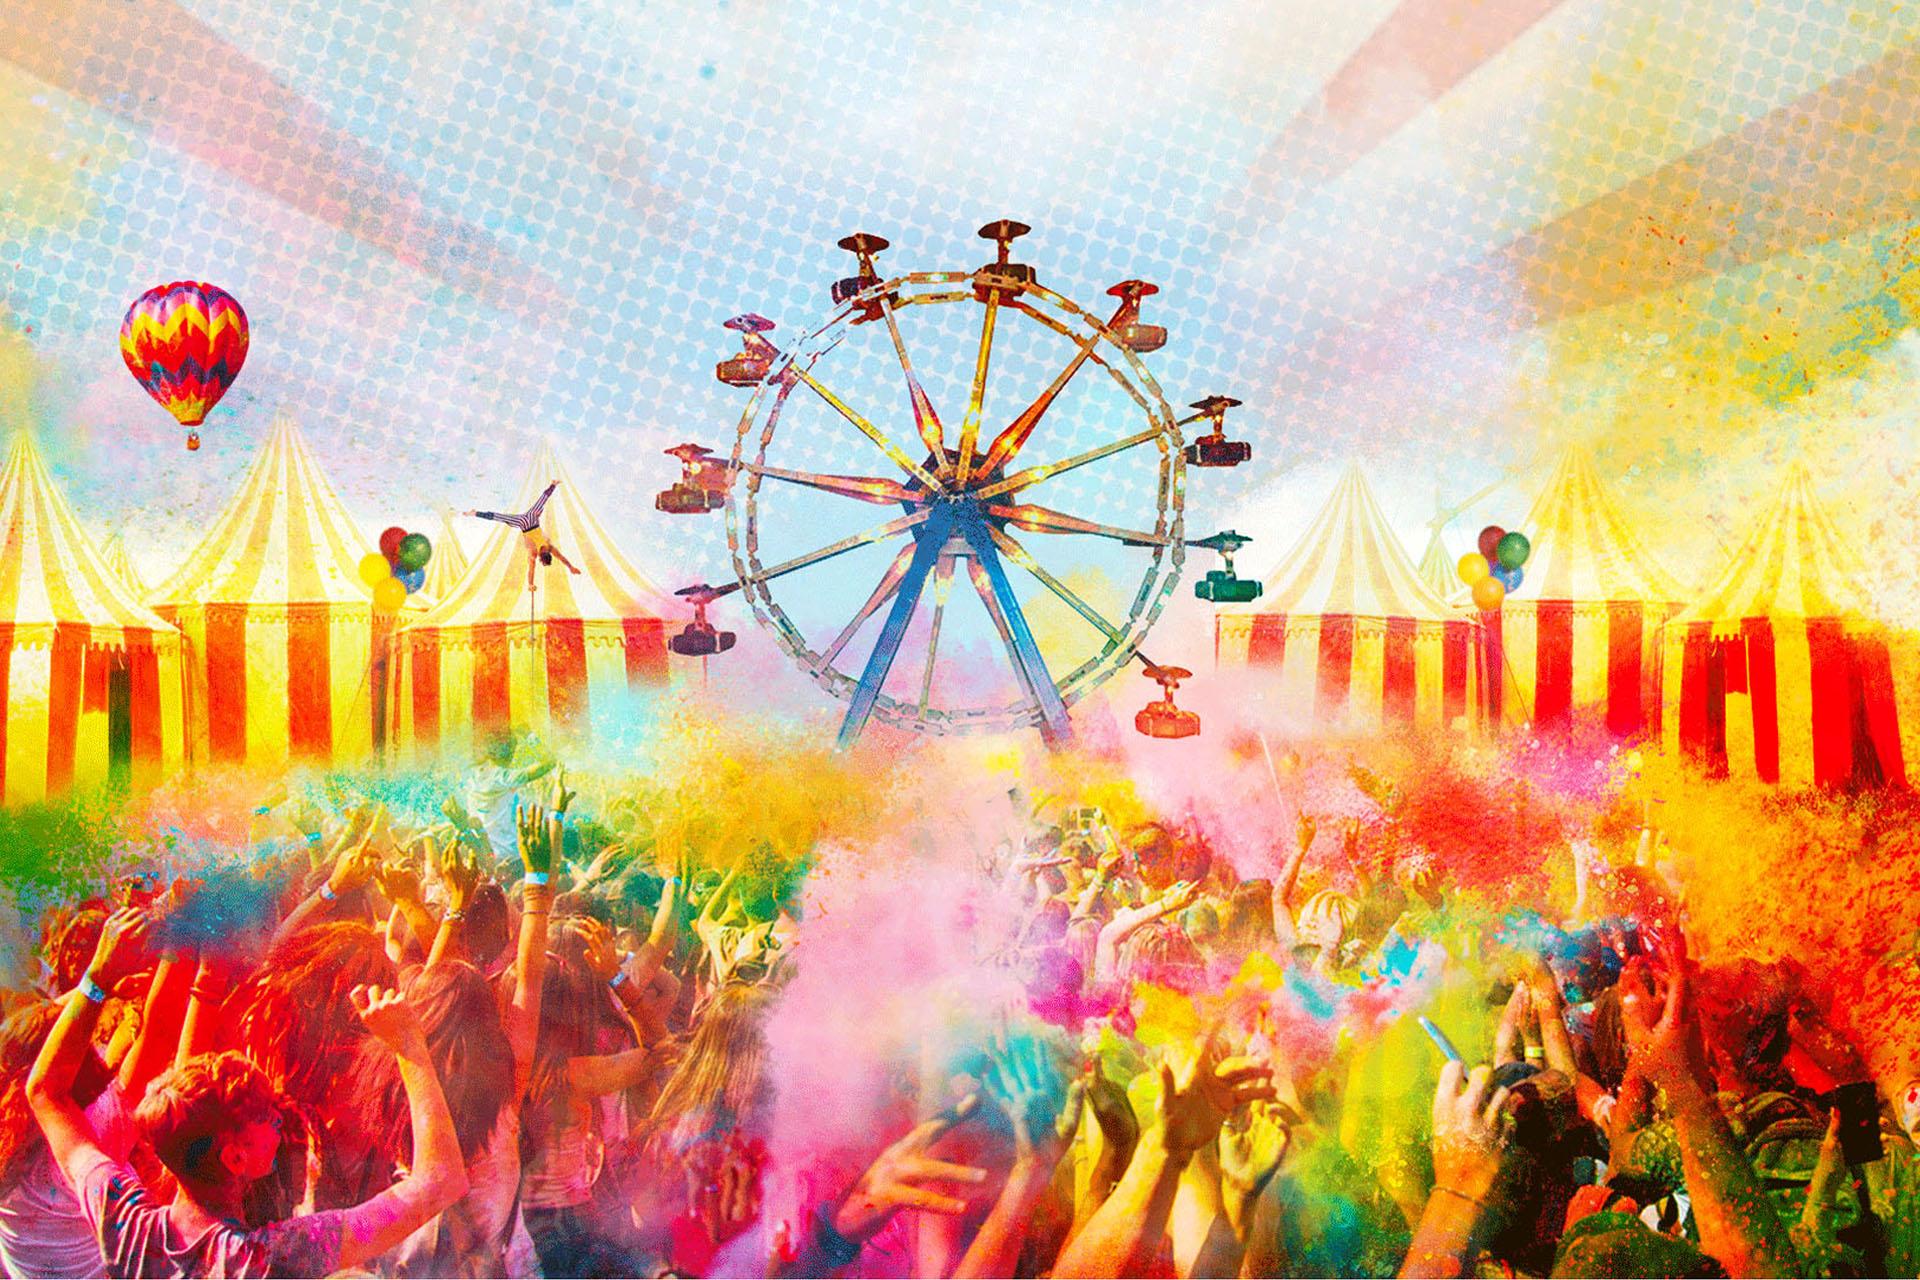 Διαγωνισμός: Κερδίστε προσκλήσεις για το Colour Day Festival 2019!